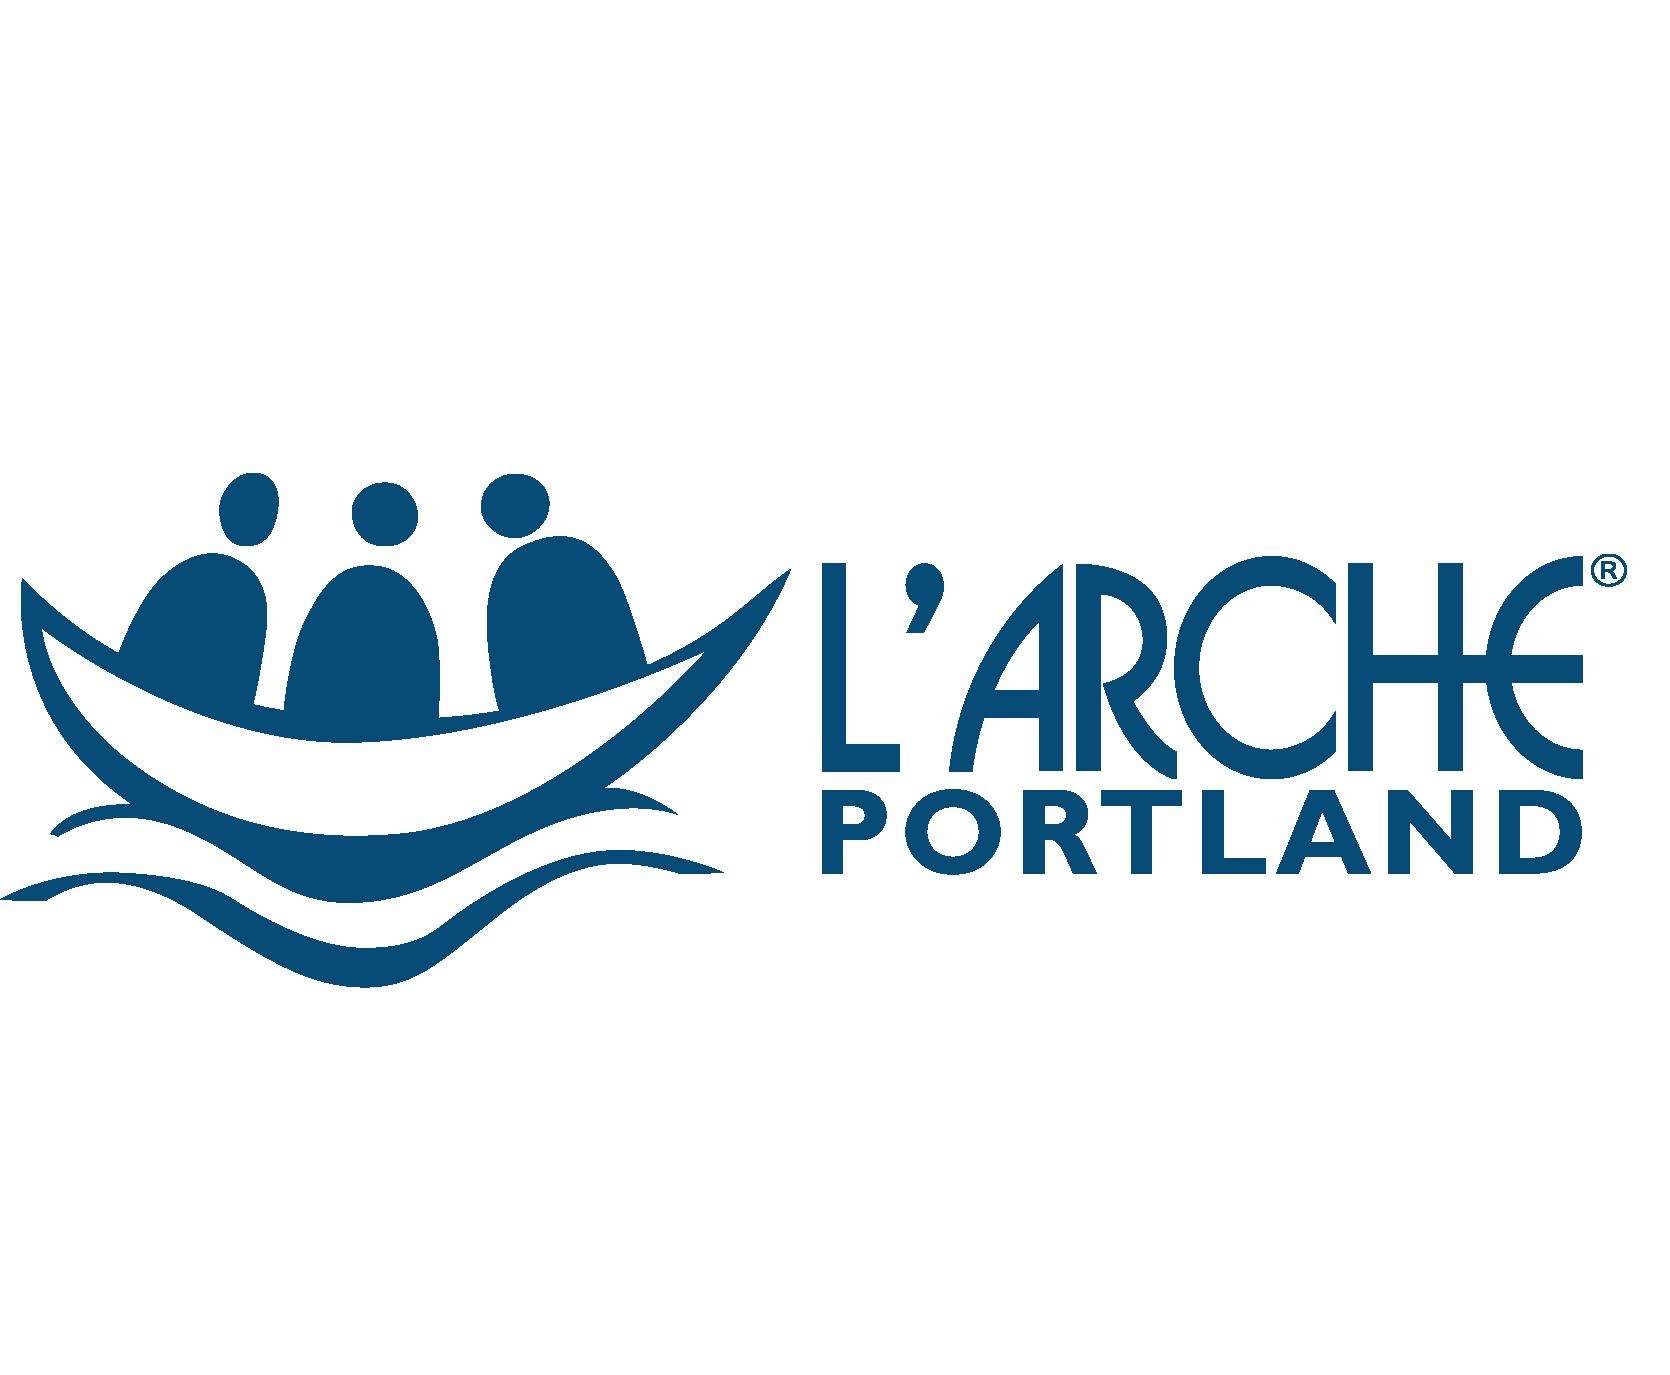 L'Arche Portland